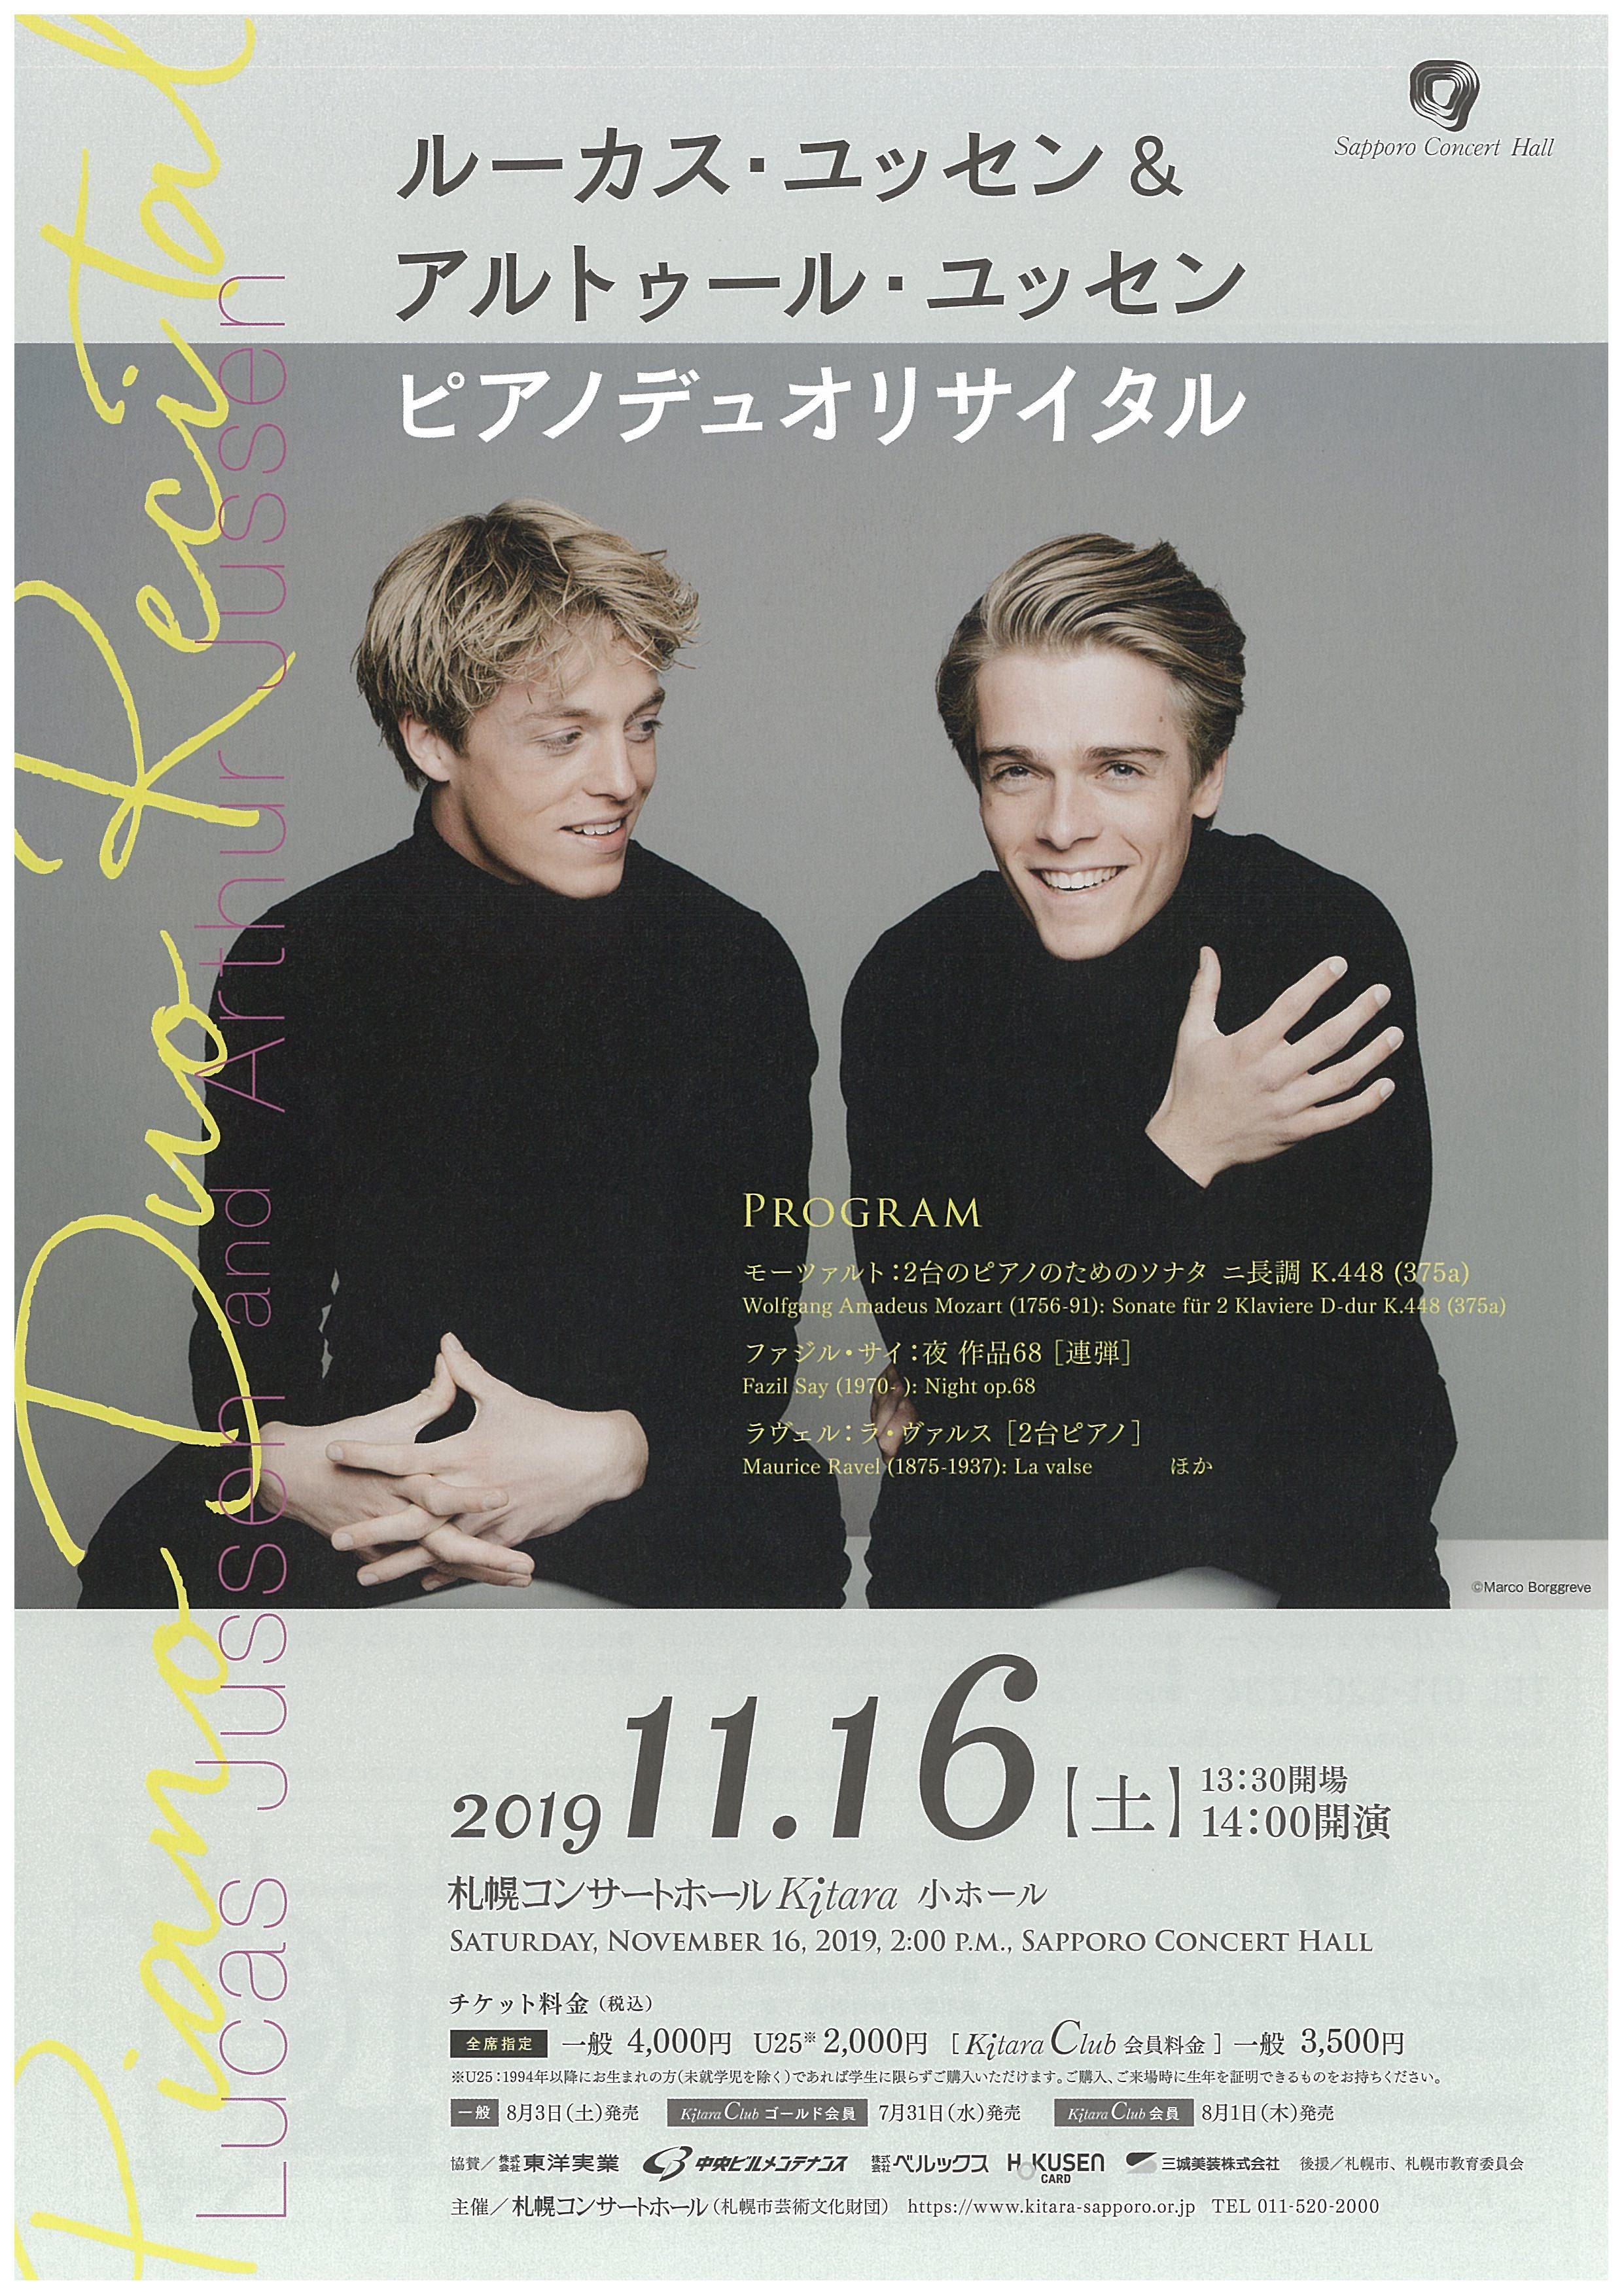 ルーカス・ユッセン&アルトゥール・ユッセン ピアノデュオリサイタル イメージ画像